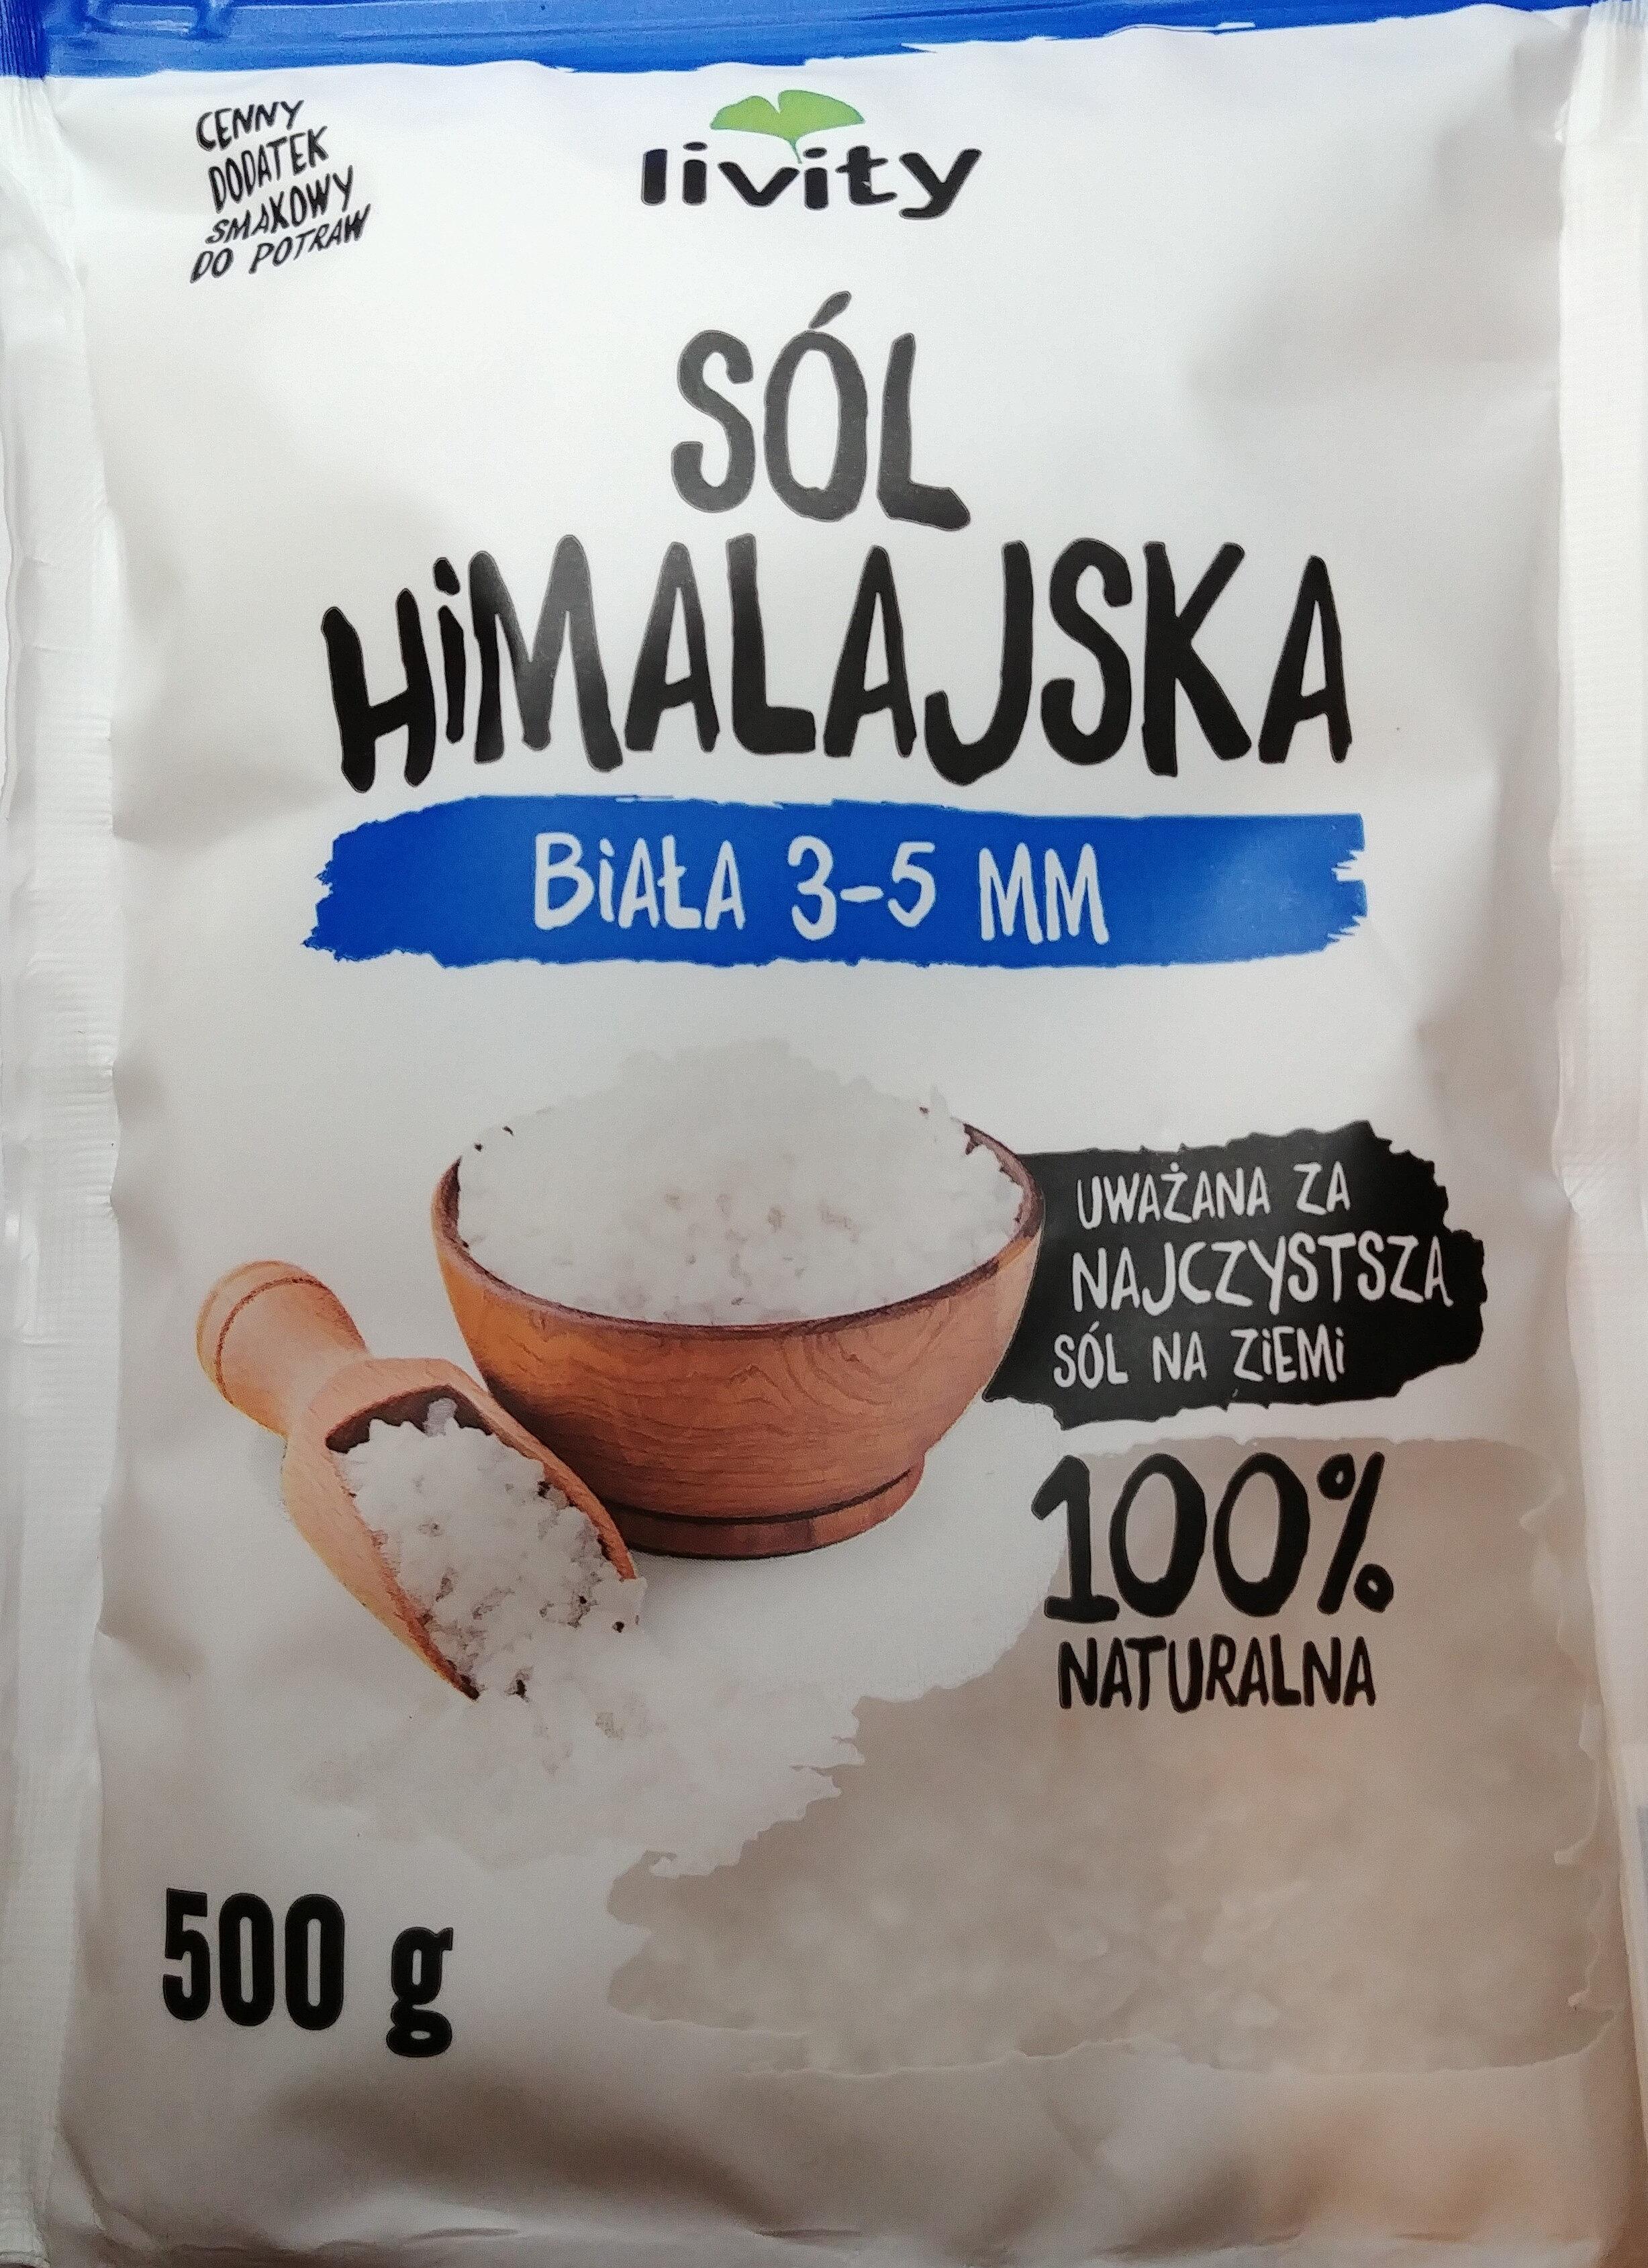 Sól himalajska biała 3-5 mm - Produkt